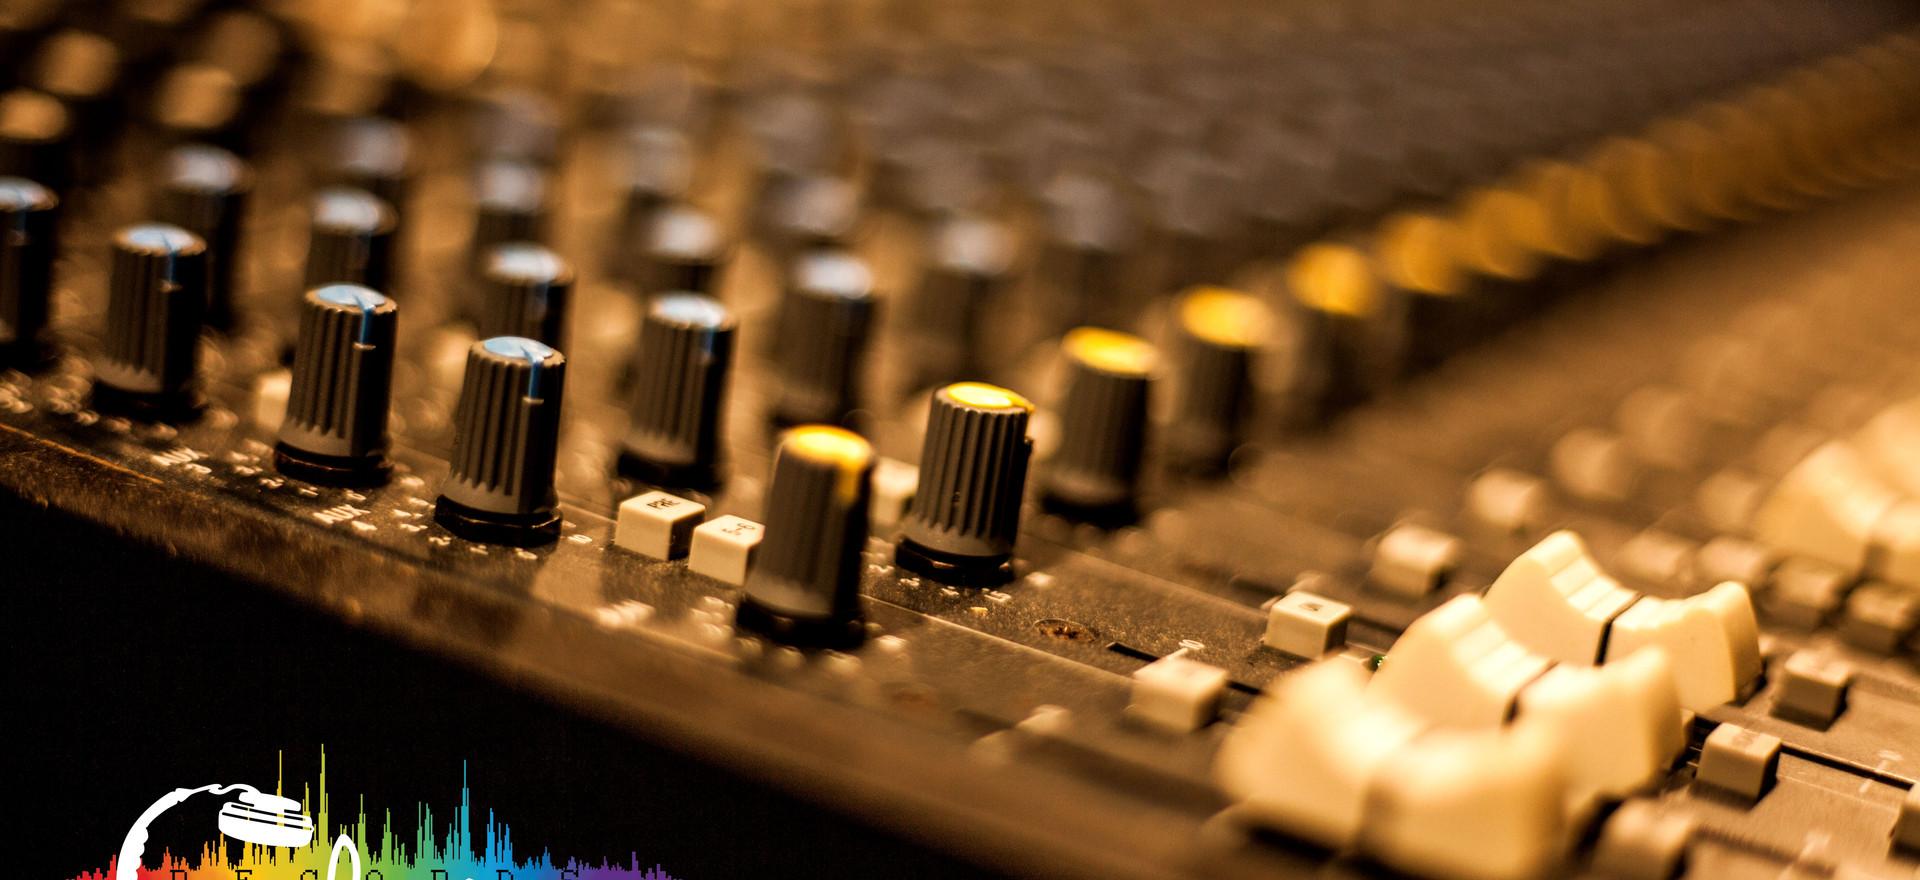 Аппаратная комната студии звукозаписи CheckRecords